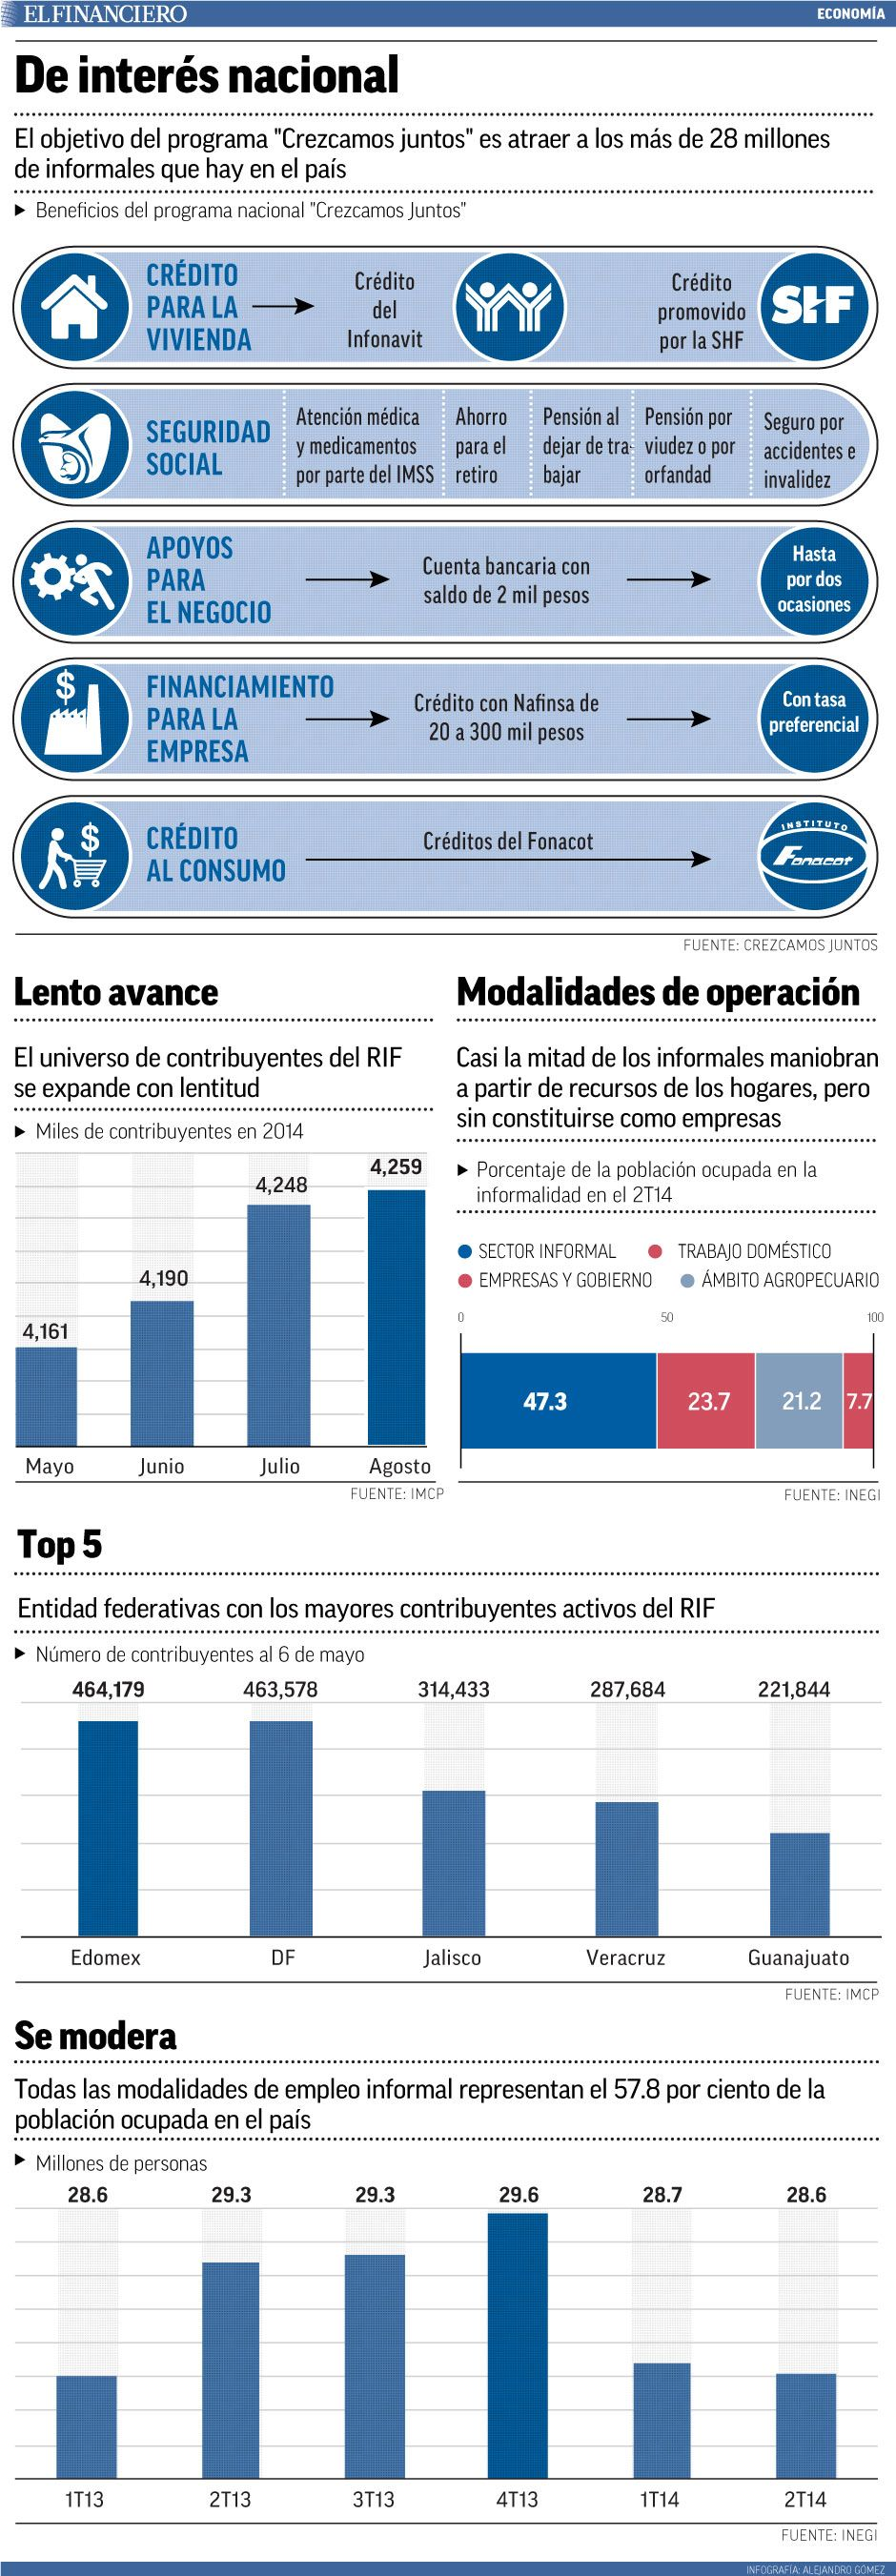 ¿Por qué no son suficientes los incentivos para combatir la economía informal?  30/09/2014